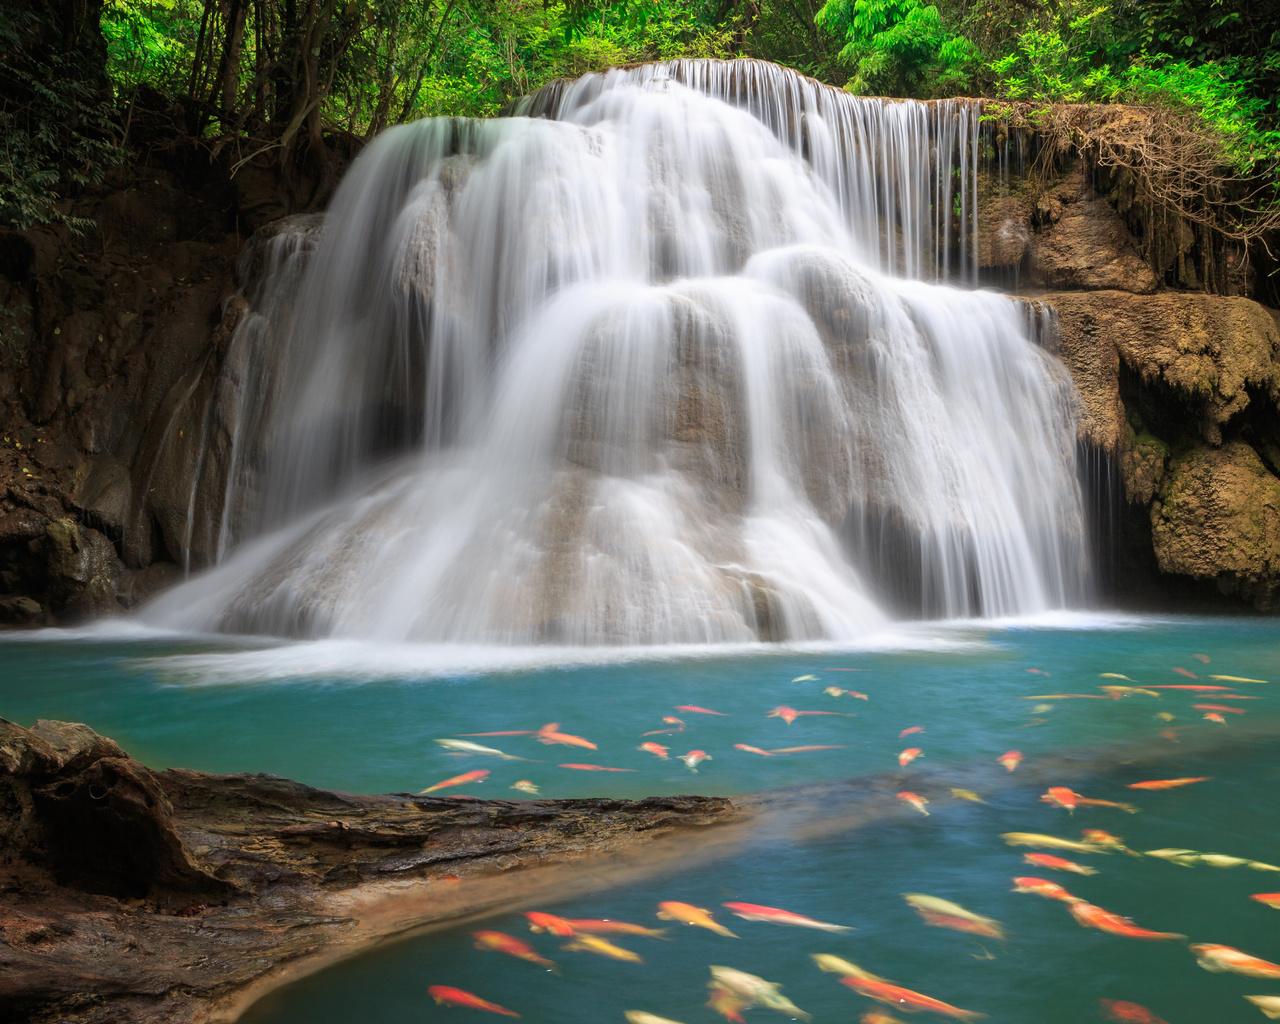 водопады картинки на аватарку успеха сериала тропиканка